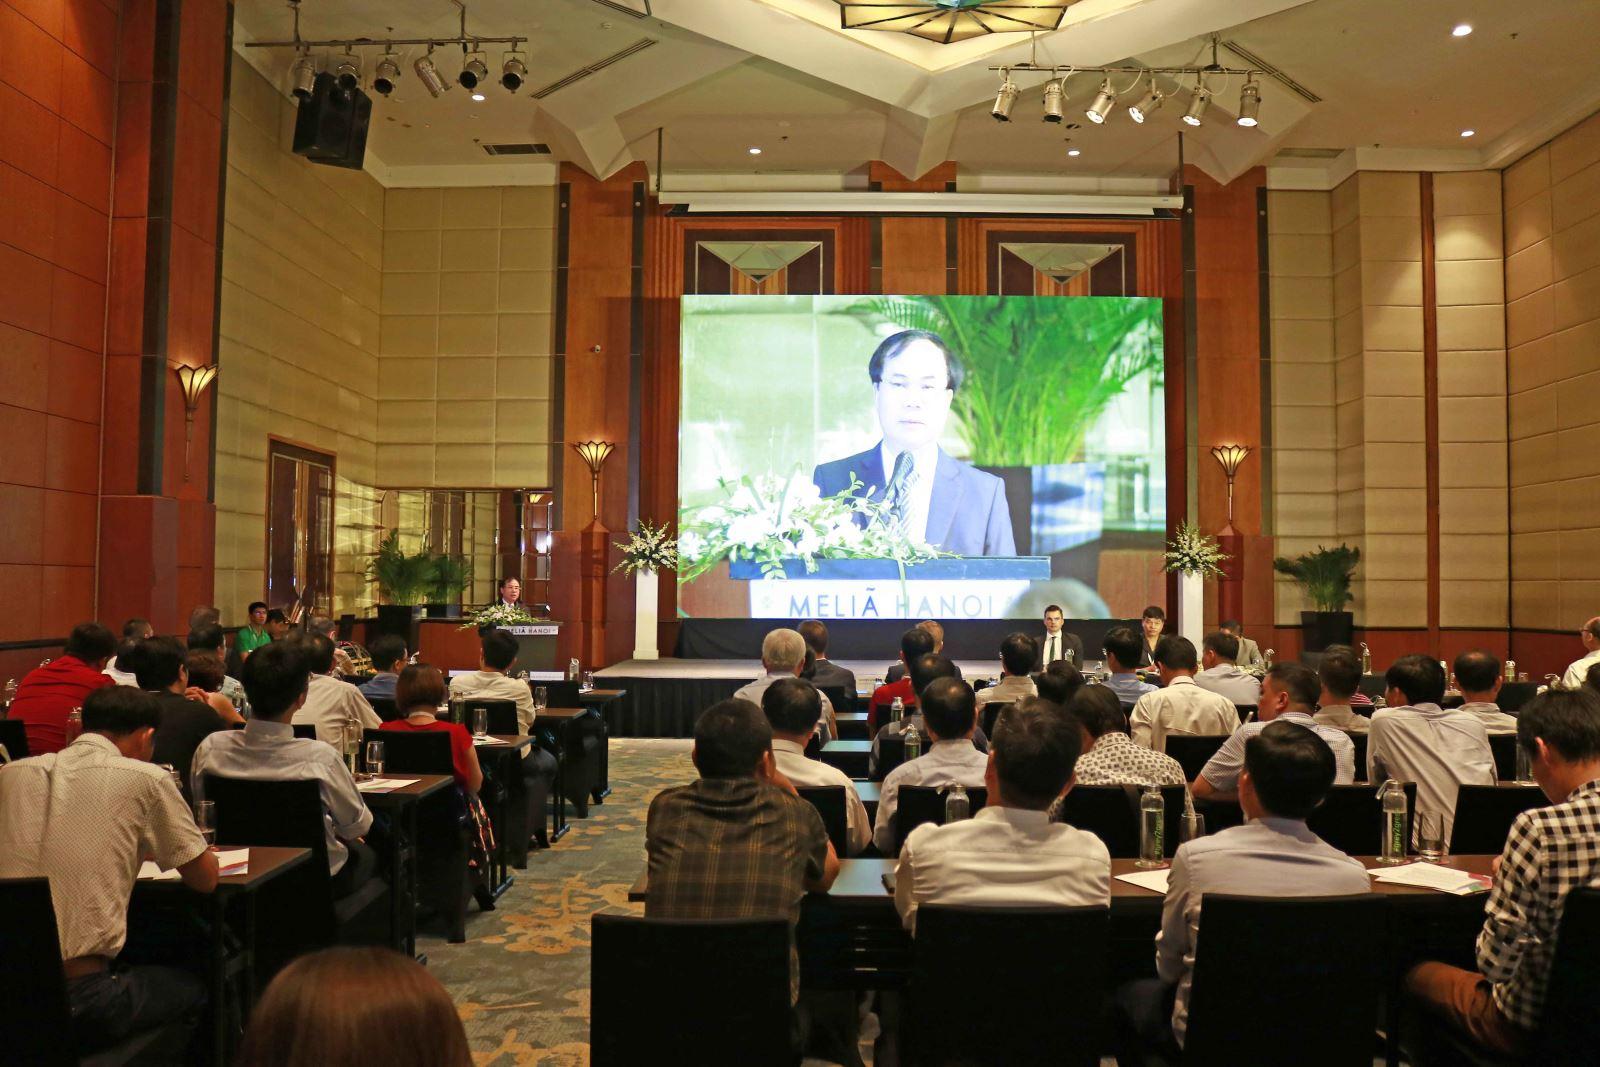 """Phát biểu tại hội thảo, Phó Đại sứ Cộng hòa Liên bang Đức tại Việt Nam Weert Börner đánh giá cao quan hệ hợp tác giữa Đức và Việt Nam trong những năm qua, đồng thời cho biết, các giải pháp công nghệ tiên tiến được trình bày tại hội thảo sẽ rất bổ ích đối với các doanh nghiệp xi măng Việt Nam trong quá trình đổi mới, hoàn thiện công nghệ và đẩy mạnh sản xuất kinh doanh theo yêu cầu của chiến lược phát triển vật liệu xây dựng Việt Nam thời kỳ 2021-2030, định hướng đến năm 2050. Tại hội thảo, Tổng Giám đốc Tập đoàn Thyssenkrupp phụ trách thị trường xi măng Châu Á Thái Bình Dương tại Hà Nội (Thyssenkrupp đã chuyển trụ sở chính từ Singapore về Hà Nội) trình bày Báo cáo khái quát tầm nhìn của Thyssenkrupp với mục tiêu biến xi măng Việt Nam từ """"xám"""" chuyển sang """"xanh"""". Bên cạnh đó, 10 tham luận đề cập những giải pháp mới nhất, tiên tiến nhất, được các diễn giả trình bày cụ thể, chi tiết về công nghệ, thiết bị, quy trình vận hành và các kết quả thu được."""